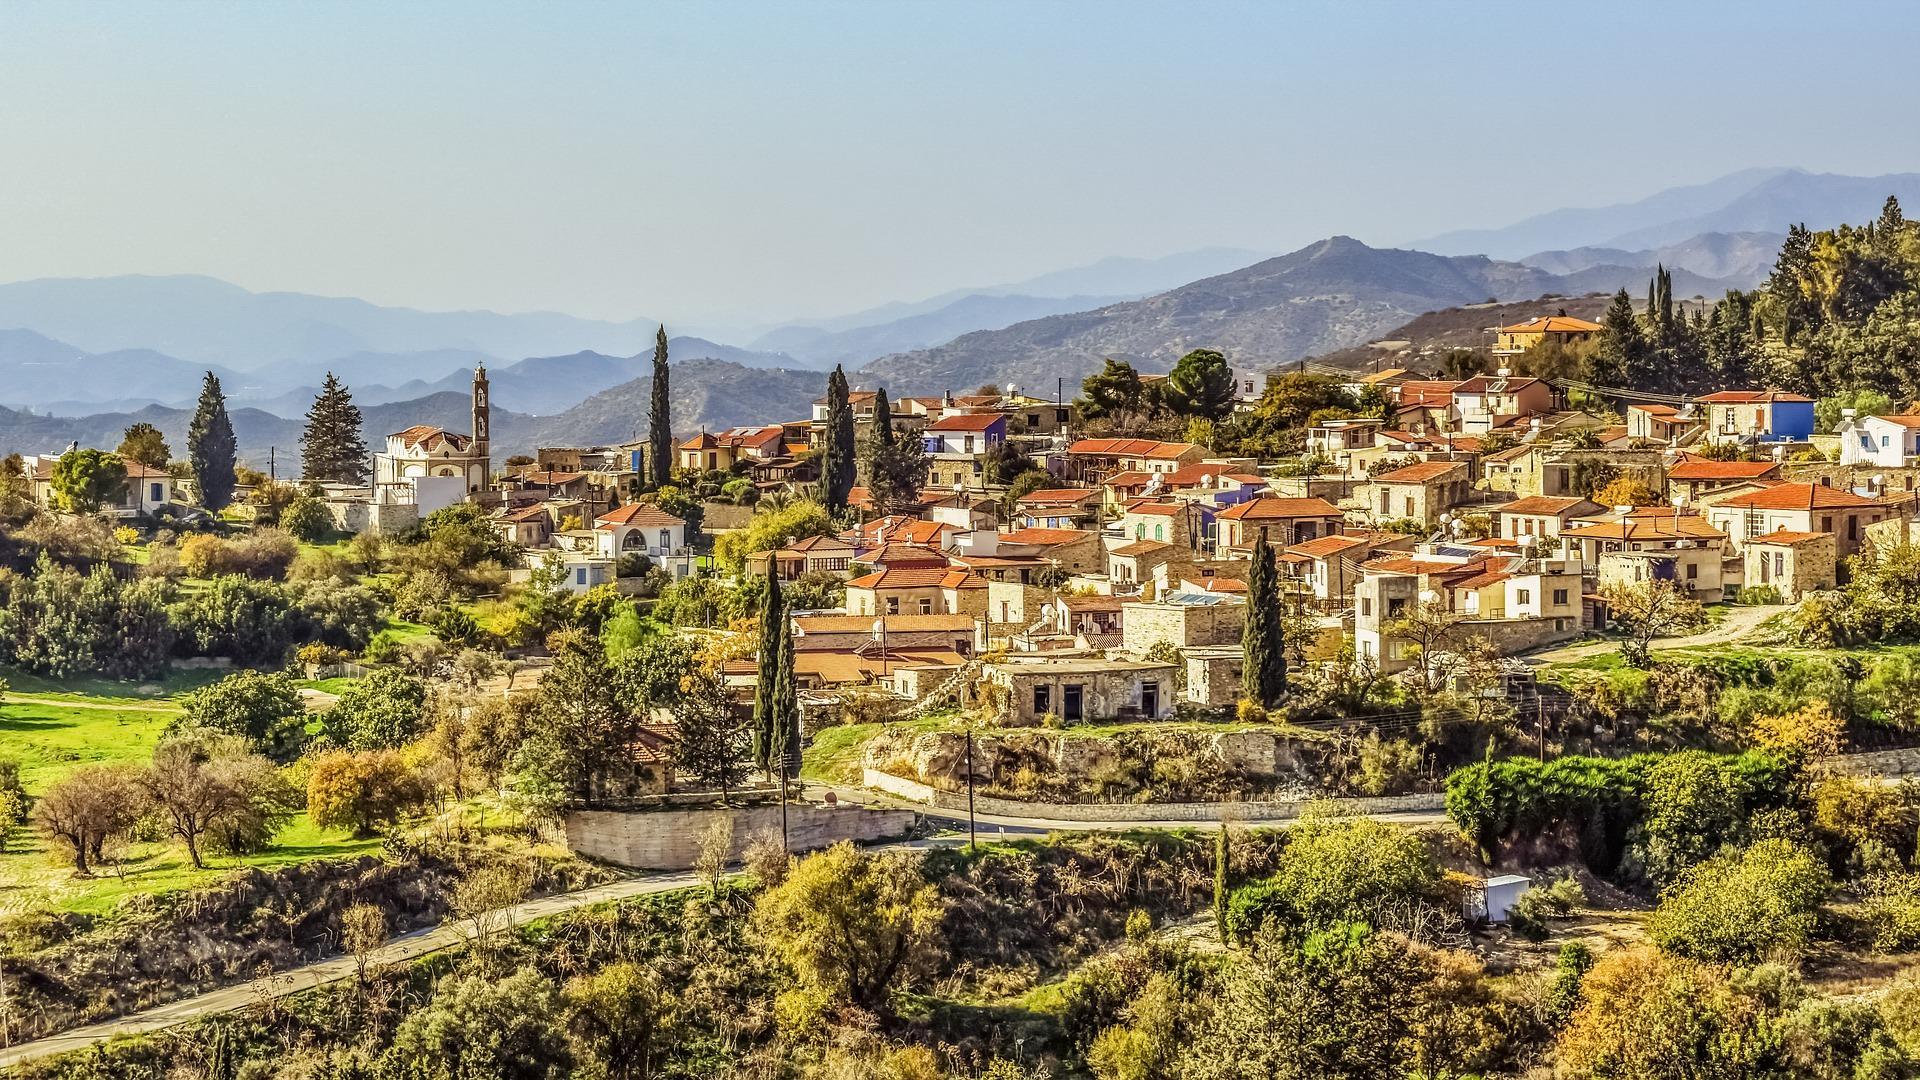 Программа госсубсидий для жилищного строительства в деревнях Кипра пользуется небывалым спросом